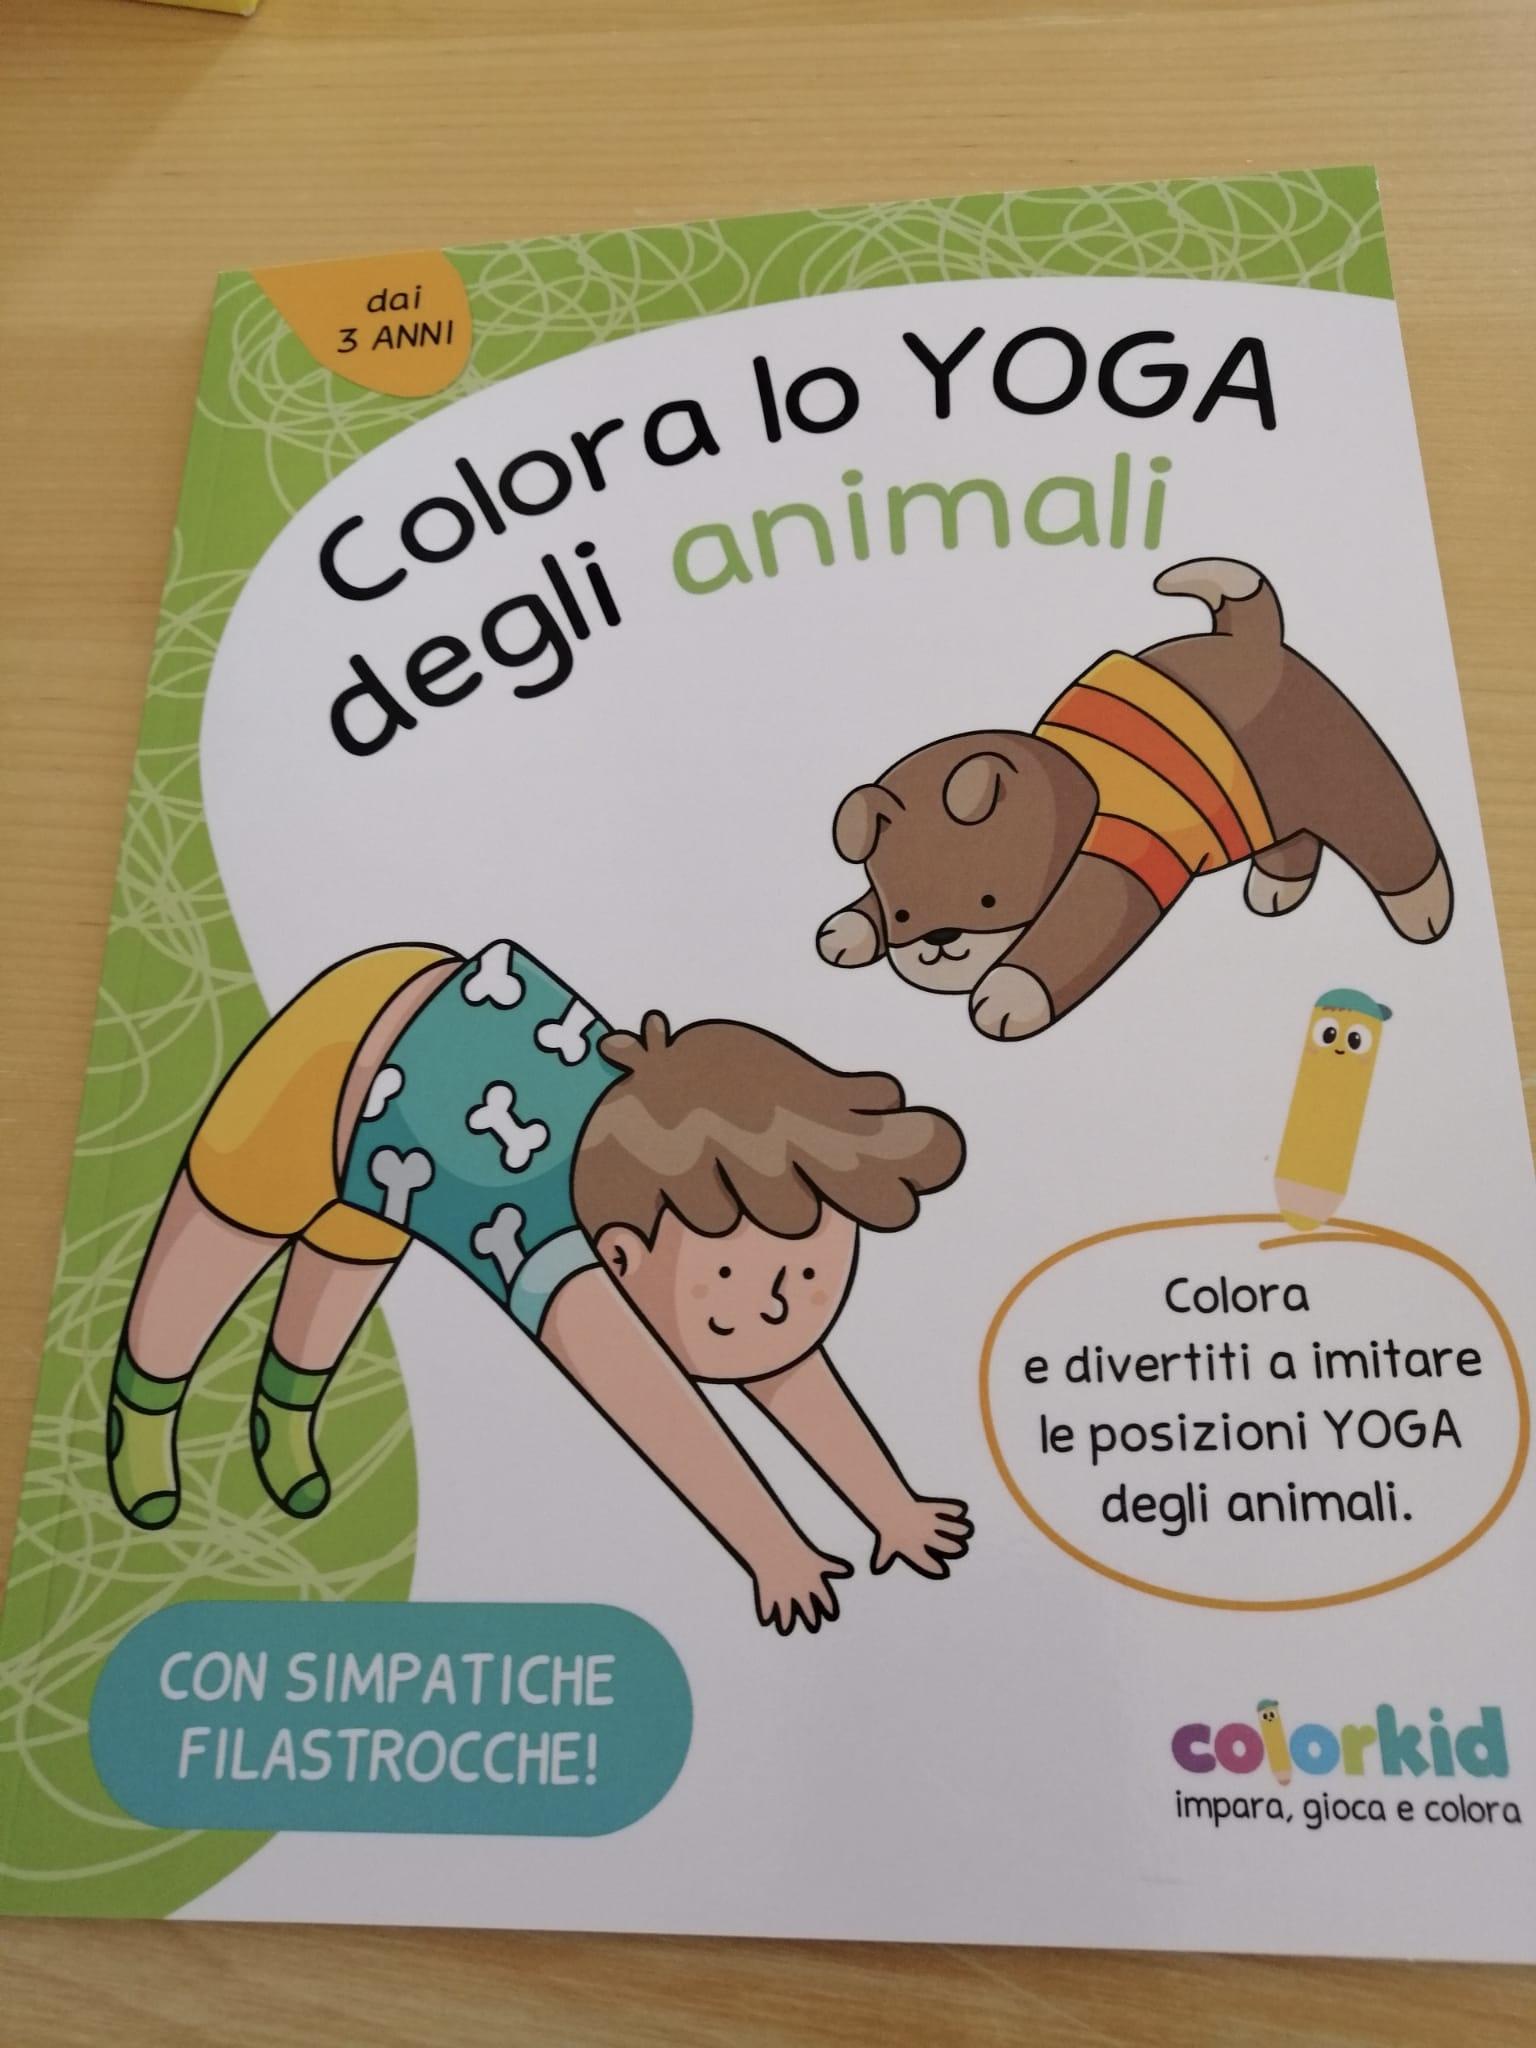 Libro yoga da colorare con filastrocche per